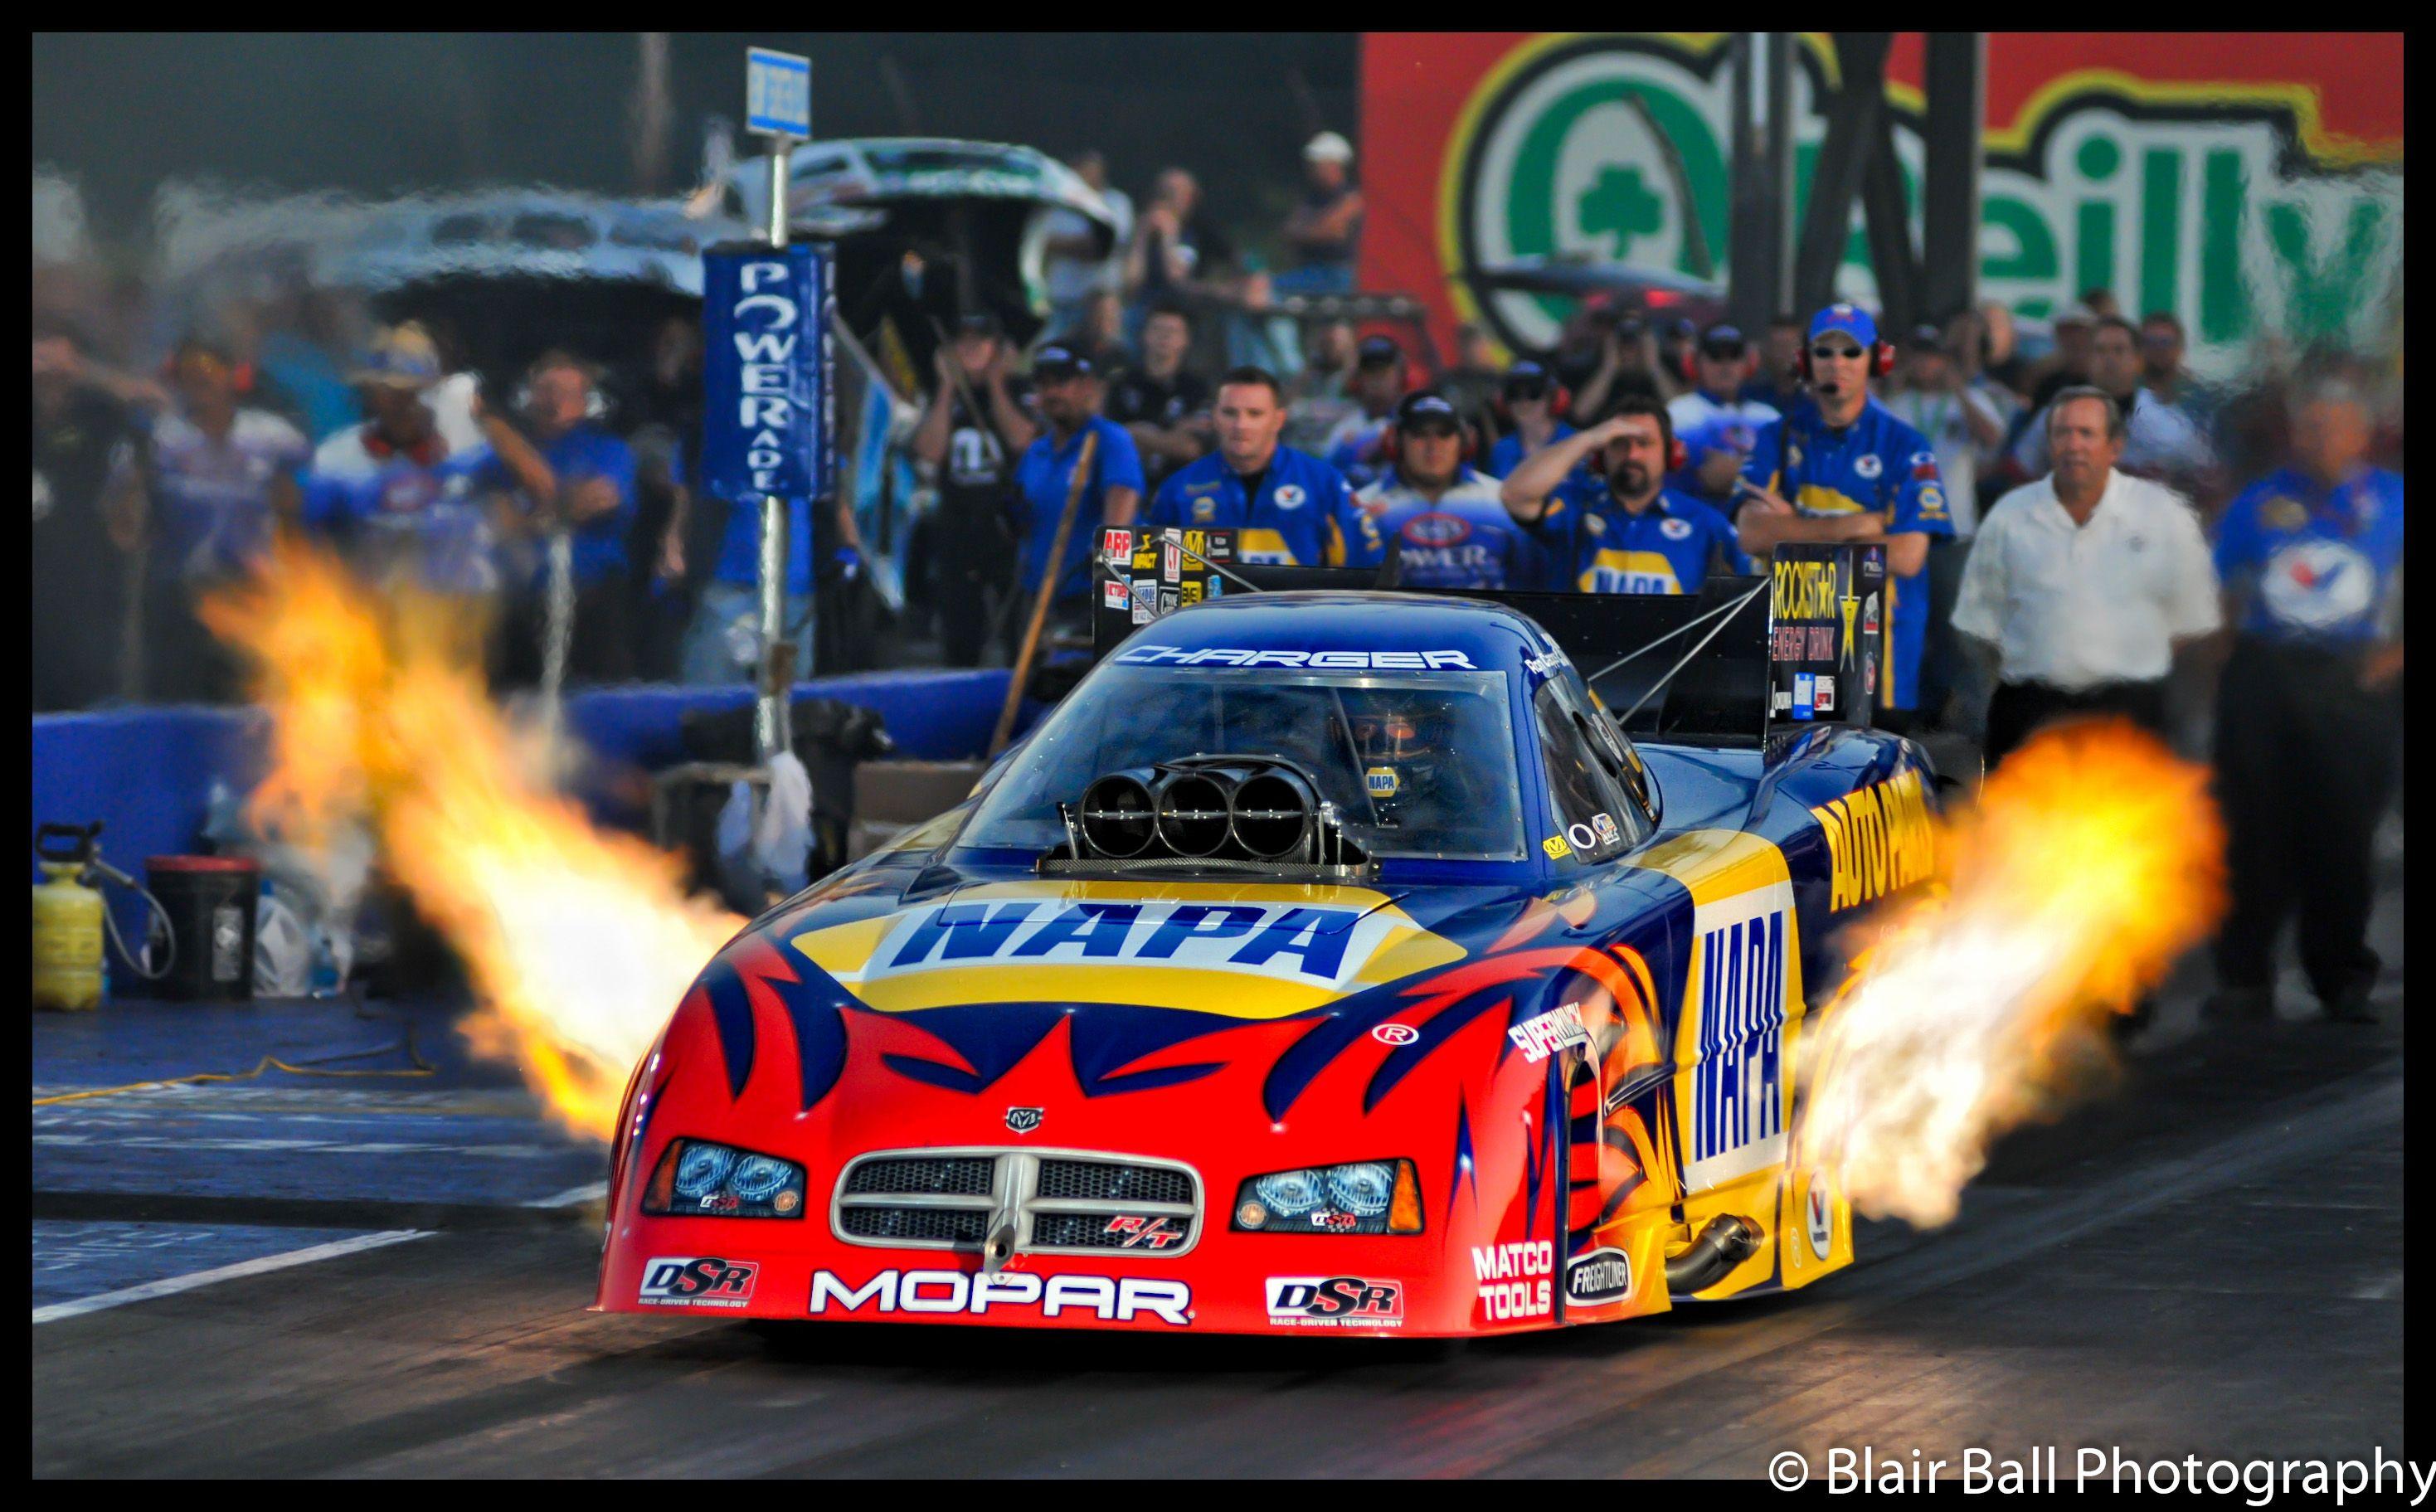 NHRA Drag Races at Memphis Motorsports Park  The NAPA parts